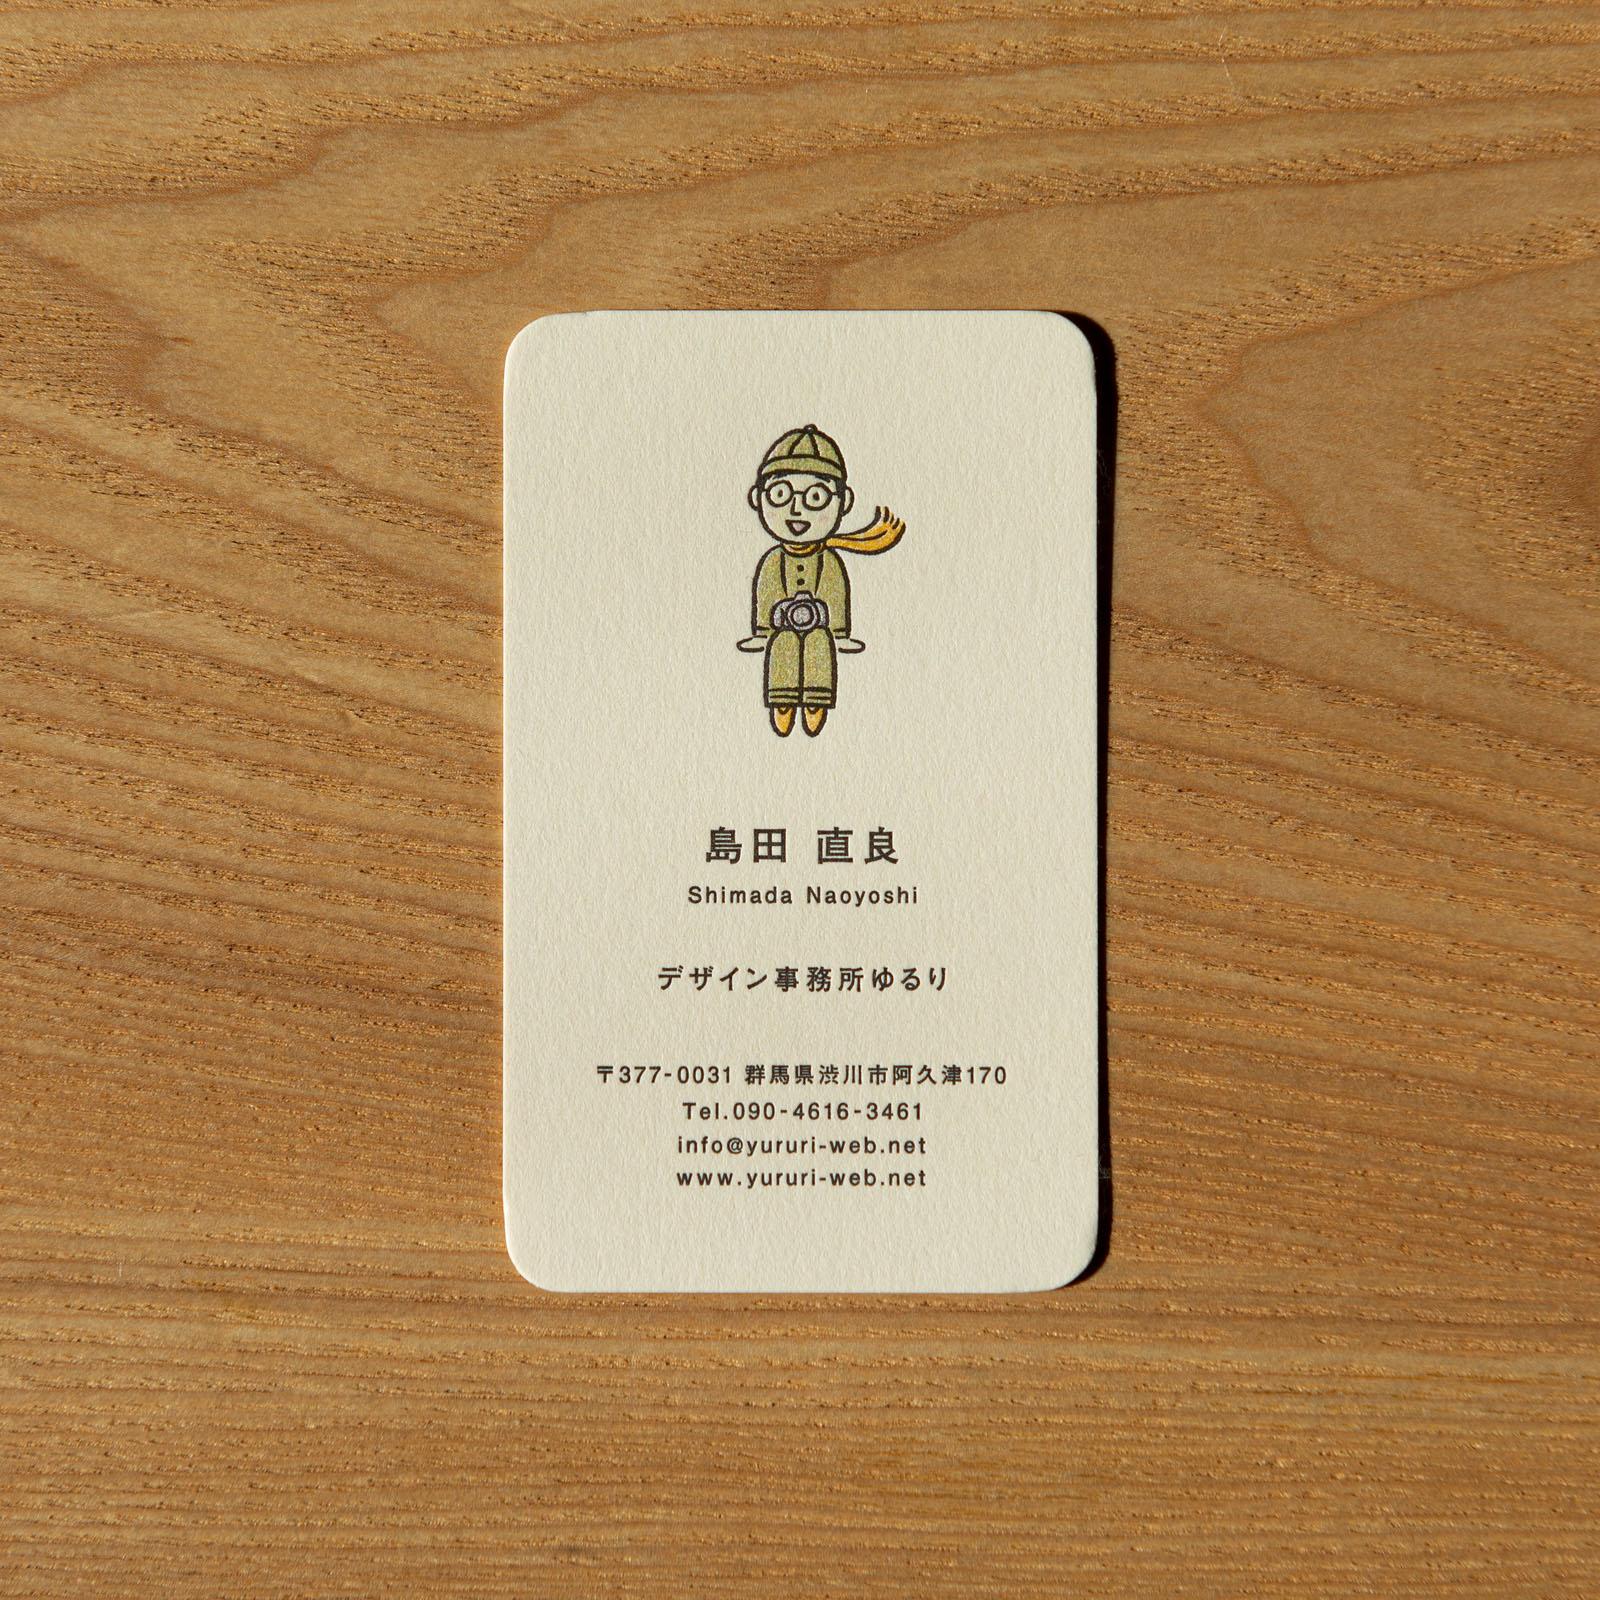 デザイン事務所ゆるり-活版+カラー印刷の名刺